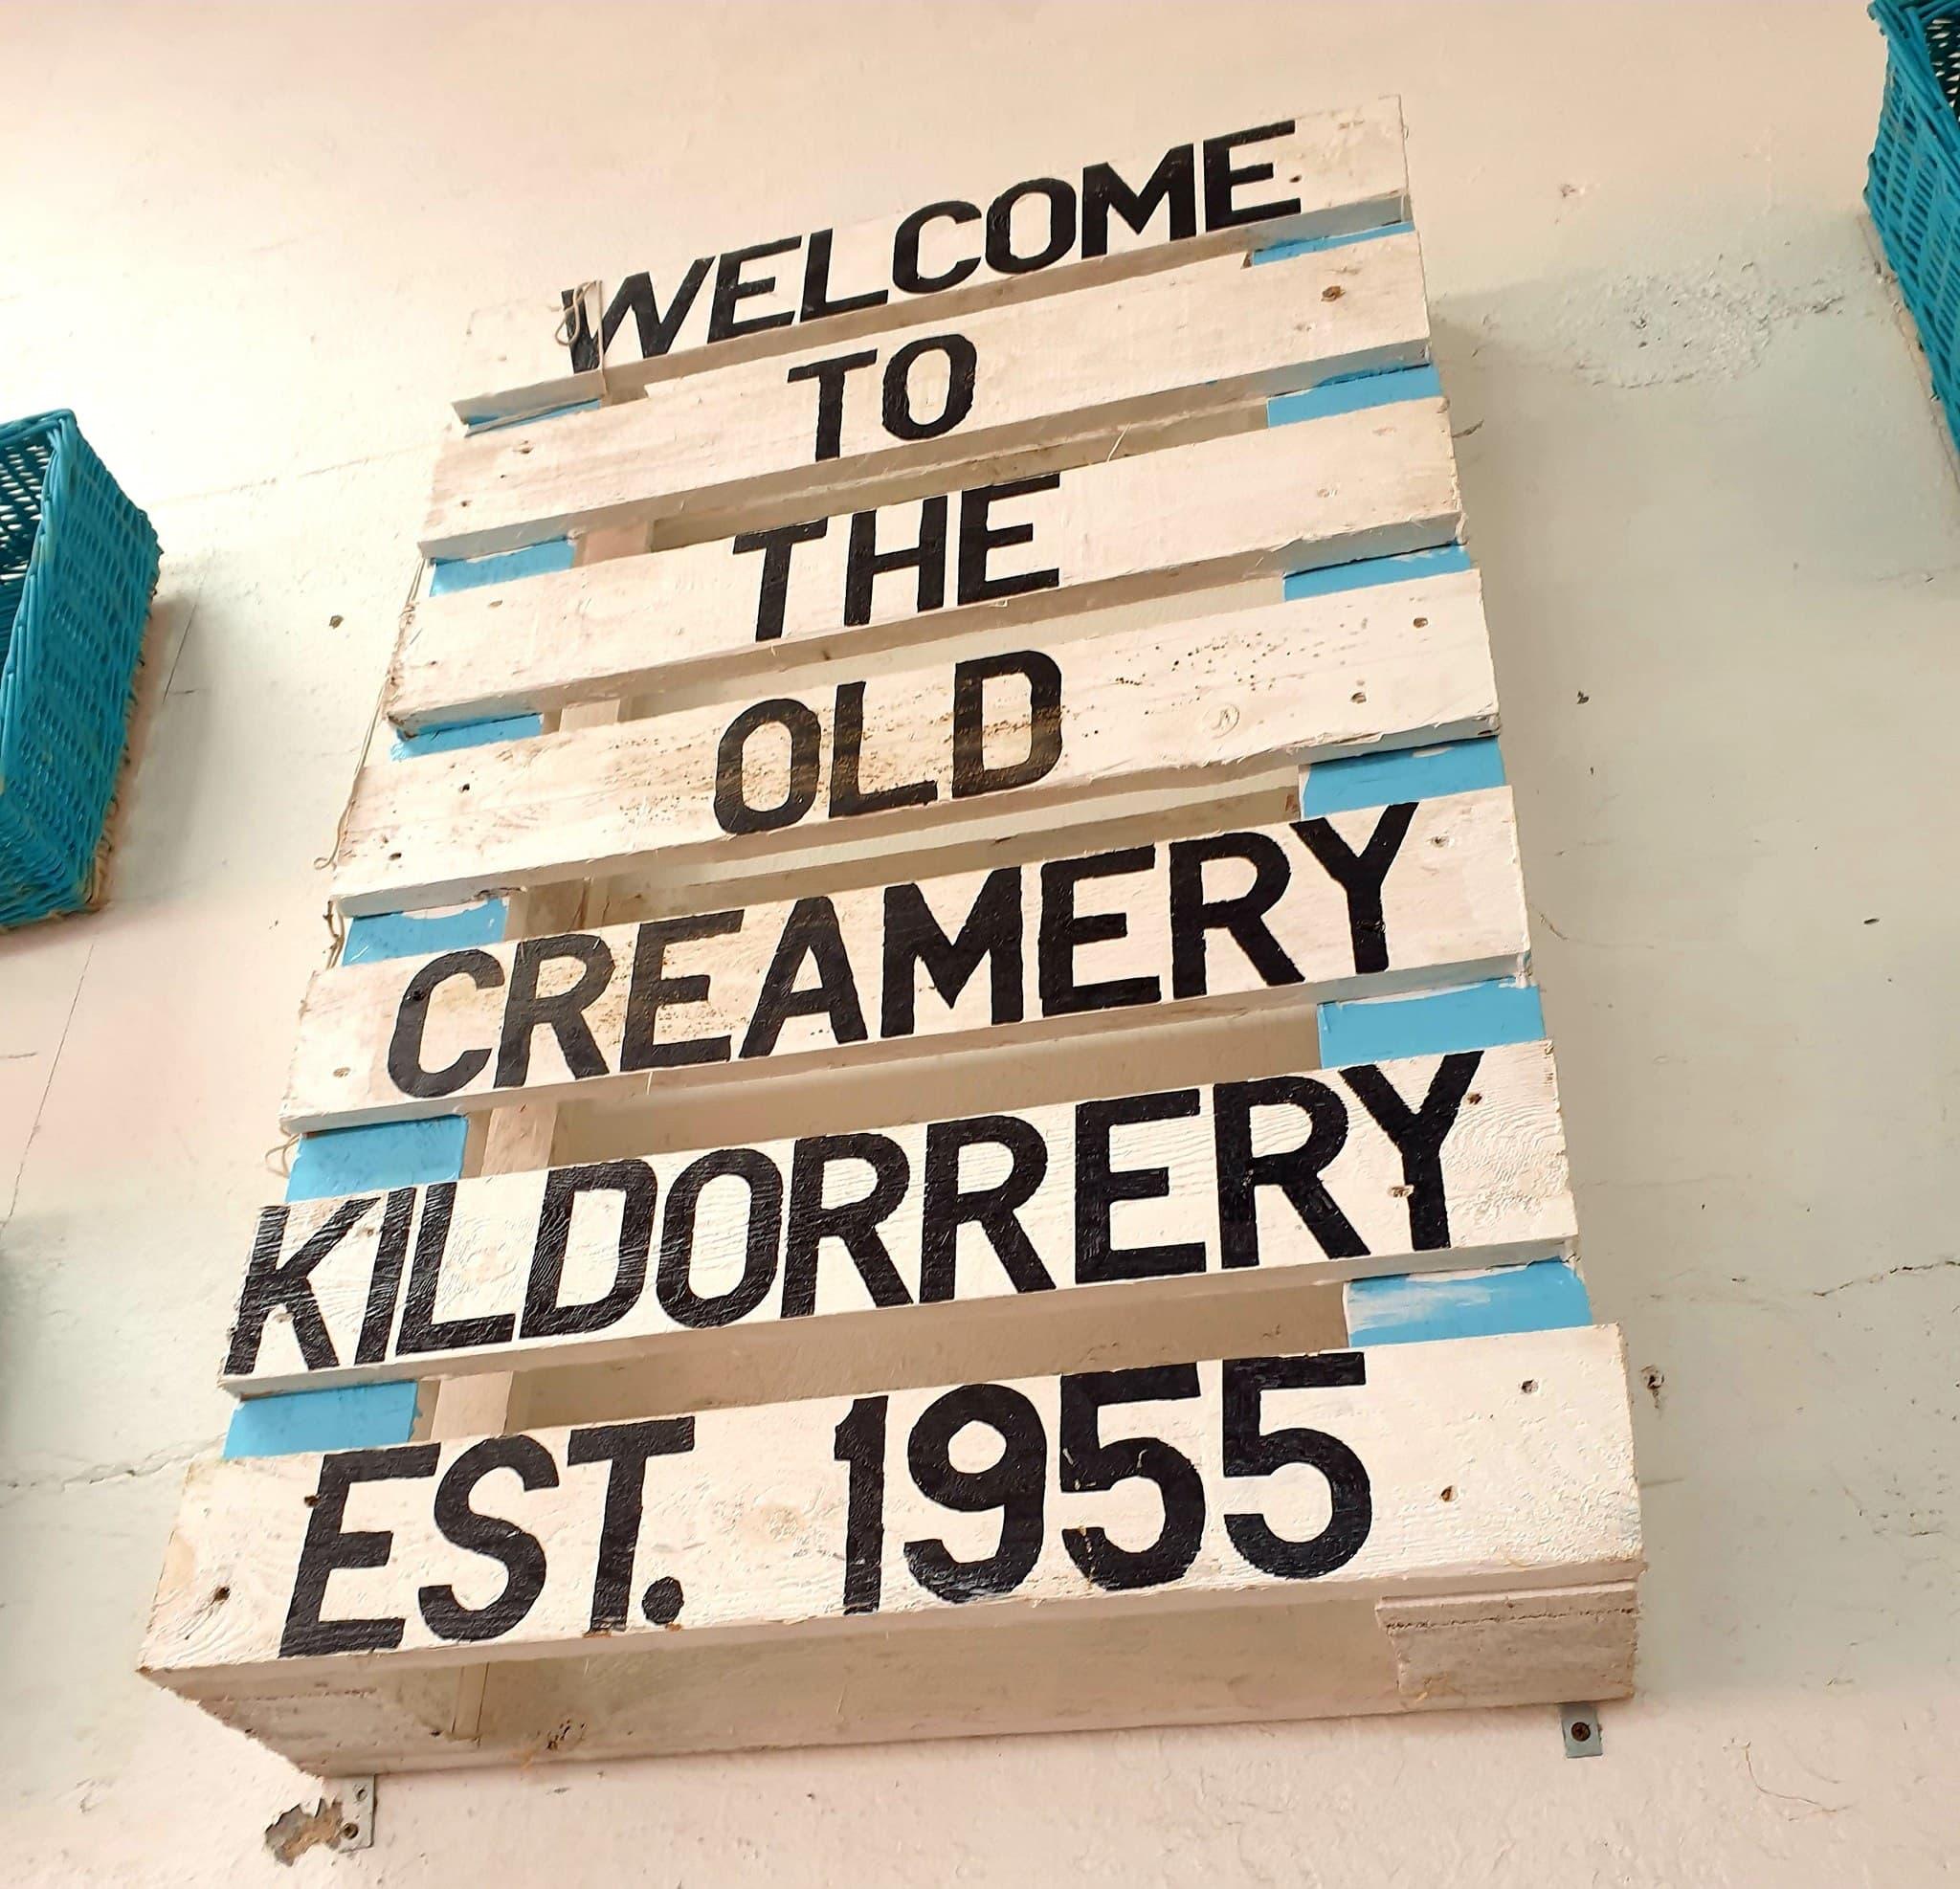 Kildorrery Cottage Market